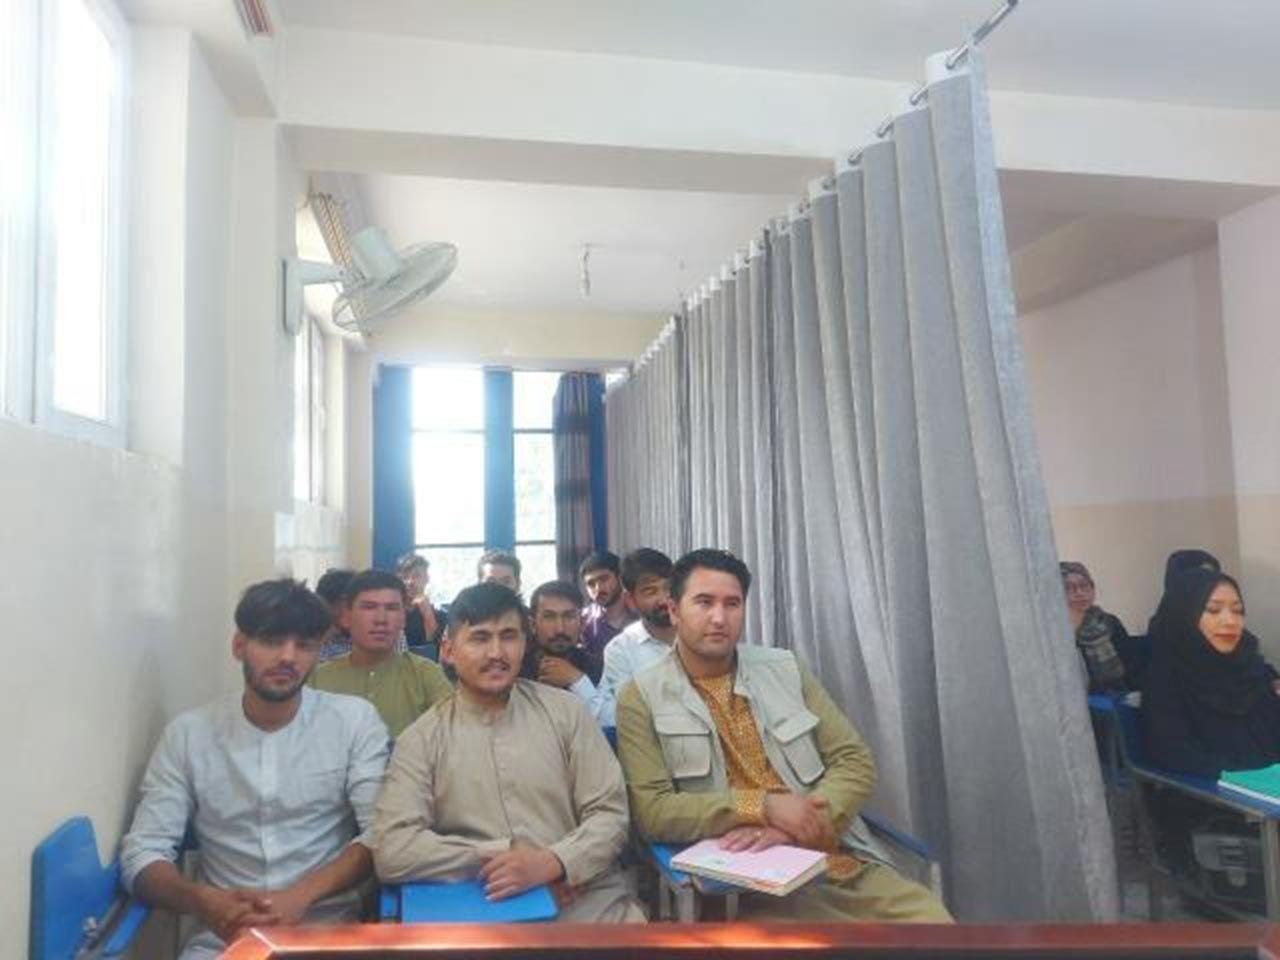 Taliban sonrası okullar böyle açıldı - Resim: 3